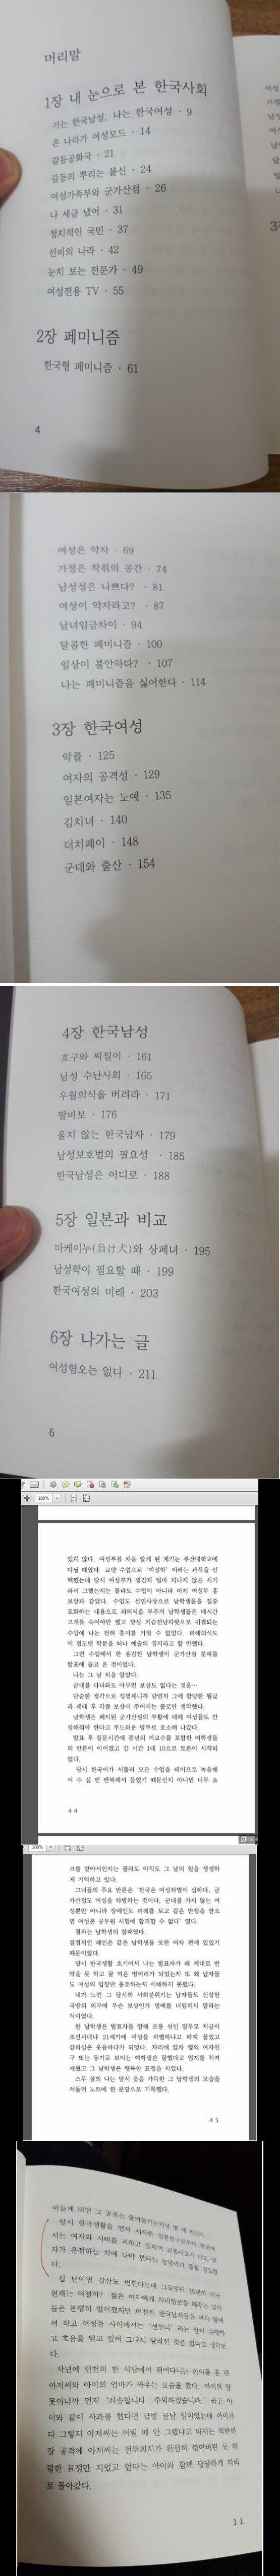 13-vert.jpg 일본여자가 바라본 한국 남자